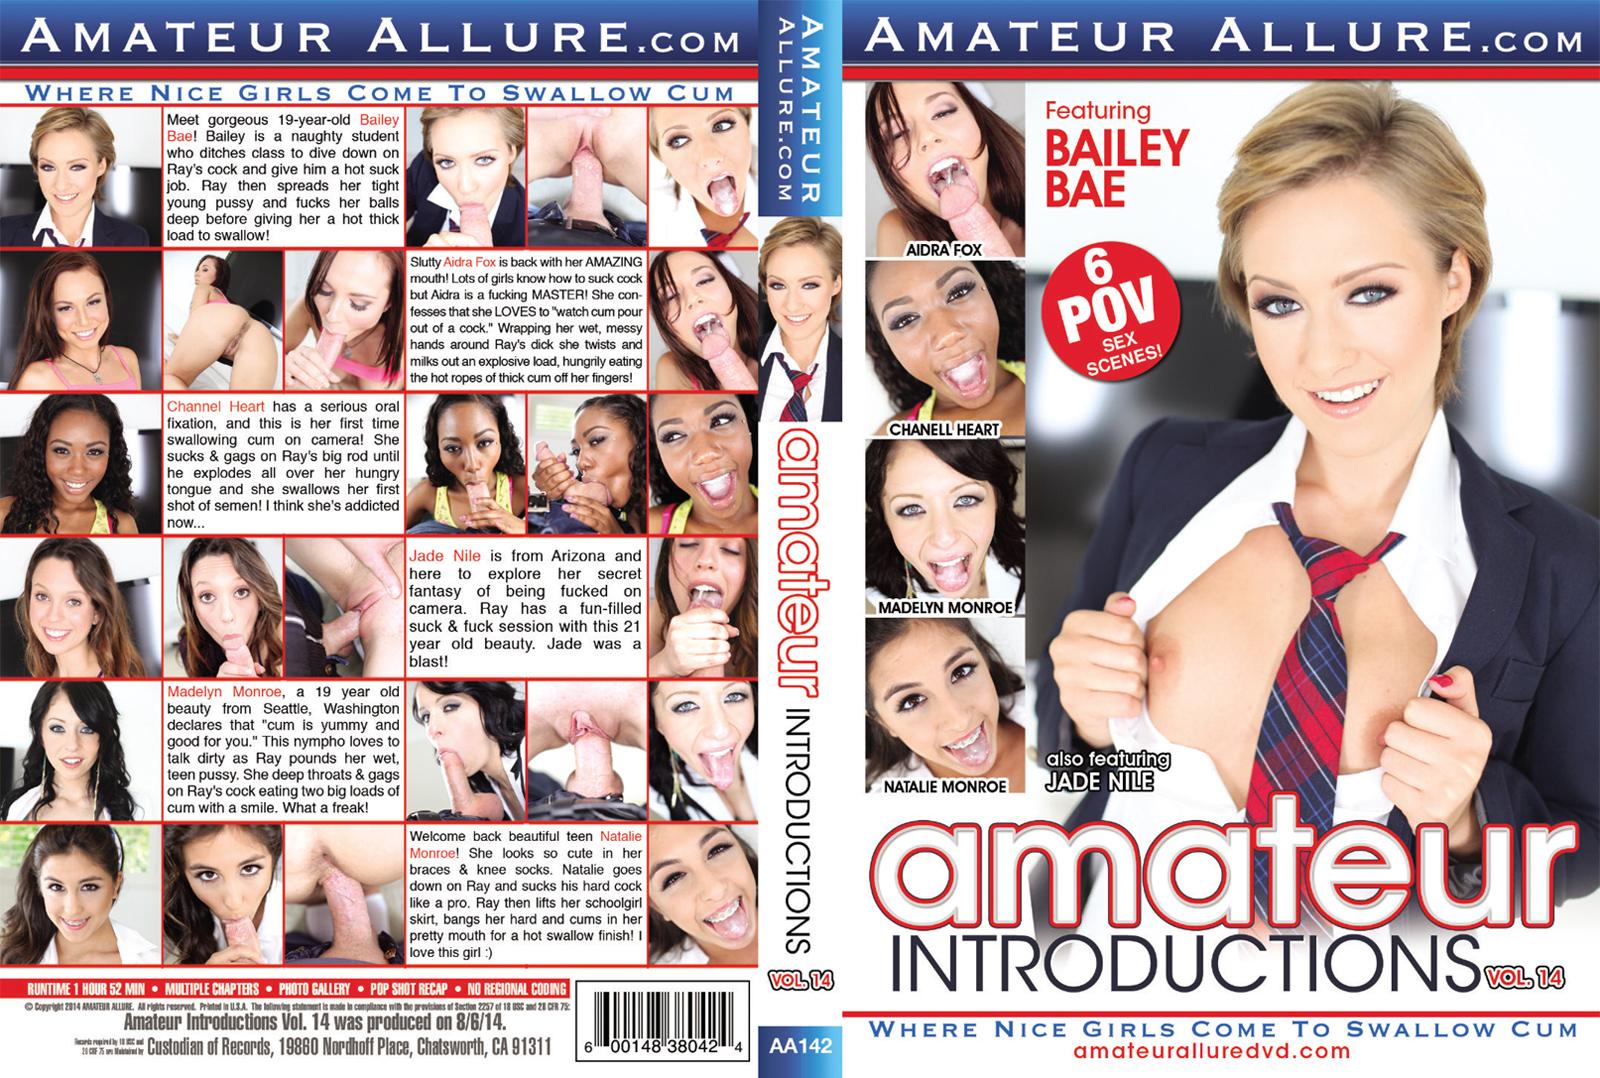 amateur_introductions_14-dvd-large.jpg